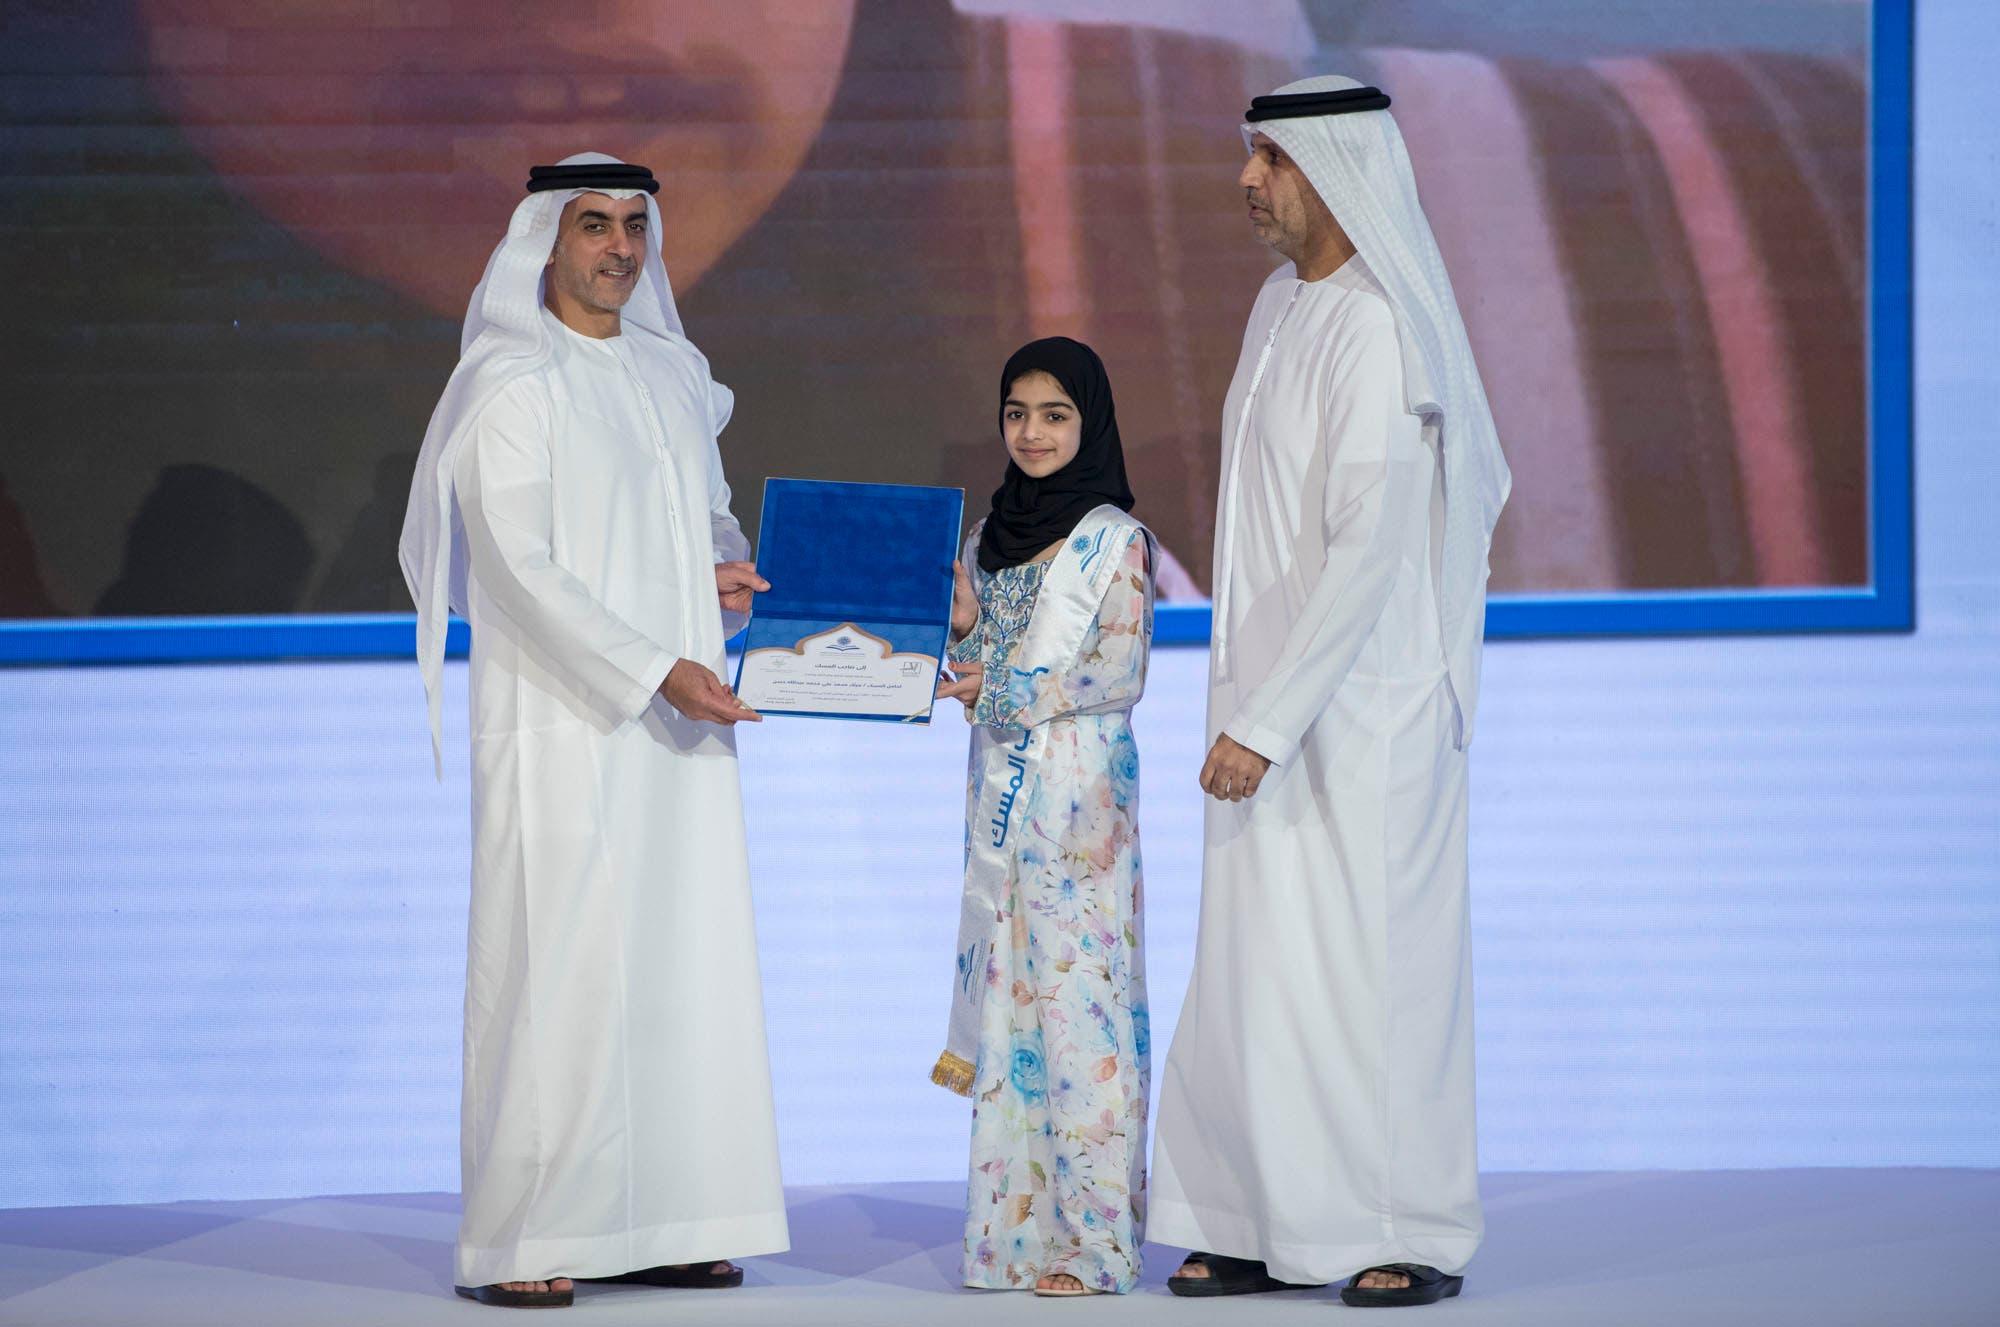 Photo of صغيرات المغرب يبهرن العالم و يتوجن بالجوائز الأولى لحفظ القرأن في الإمارات